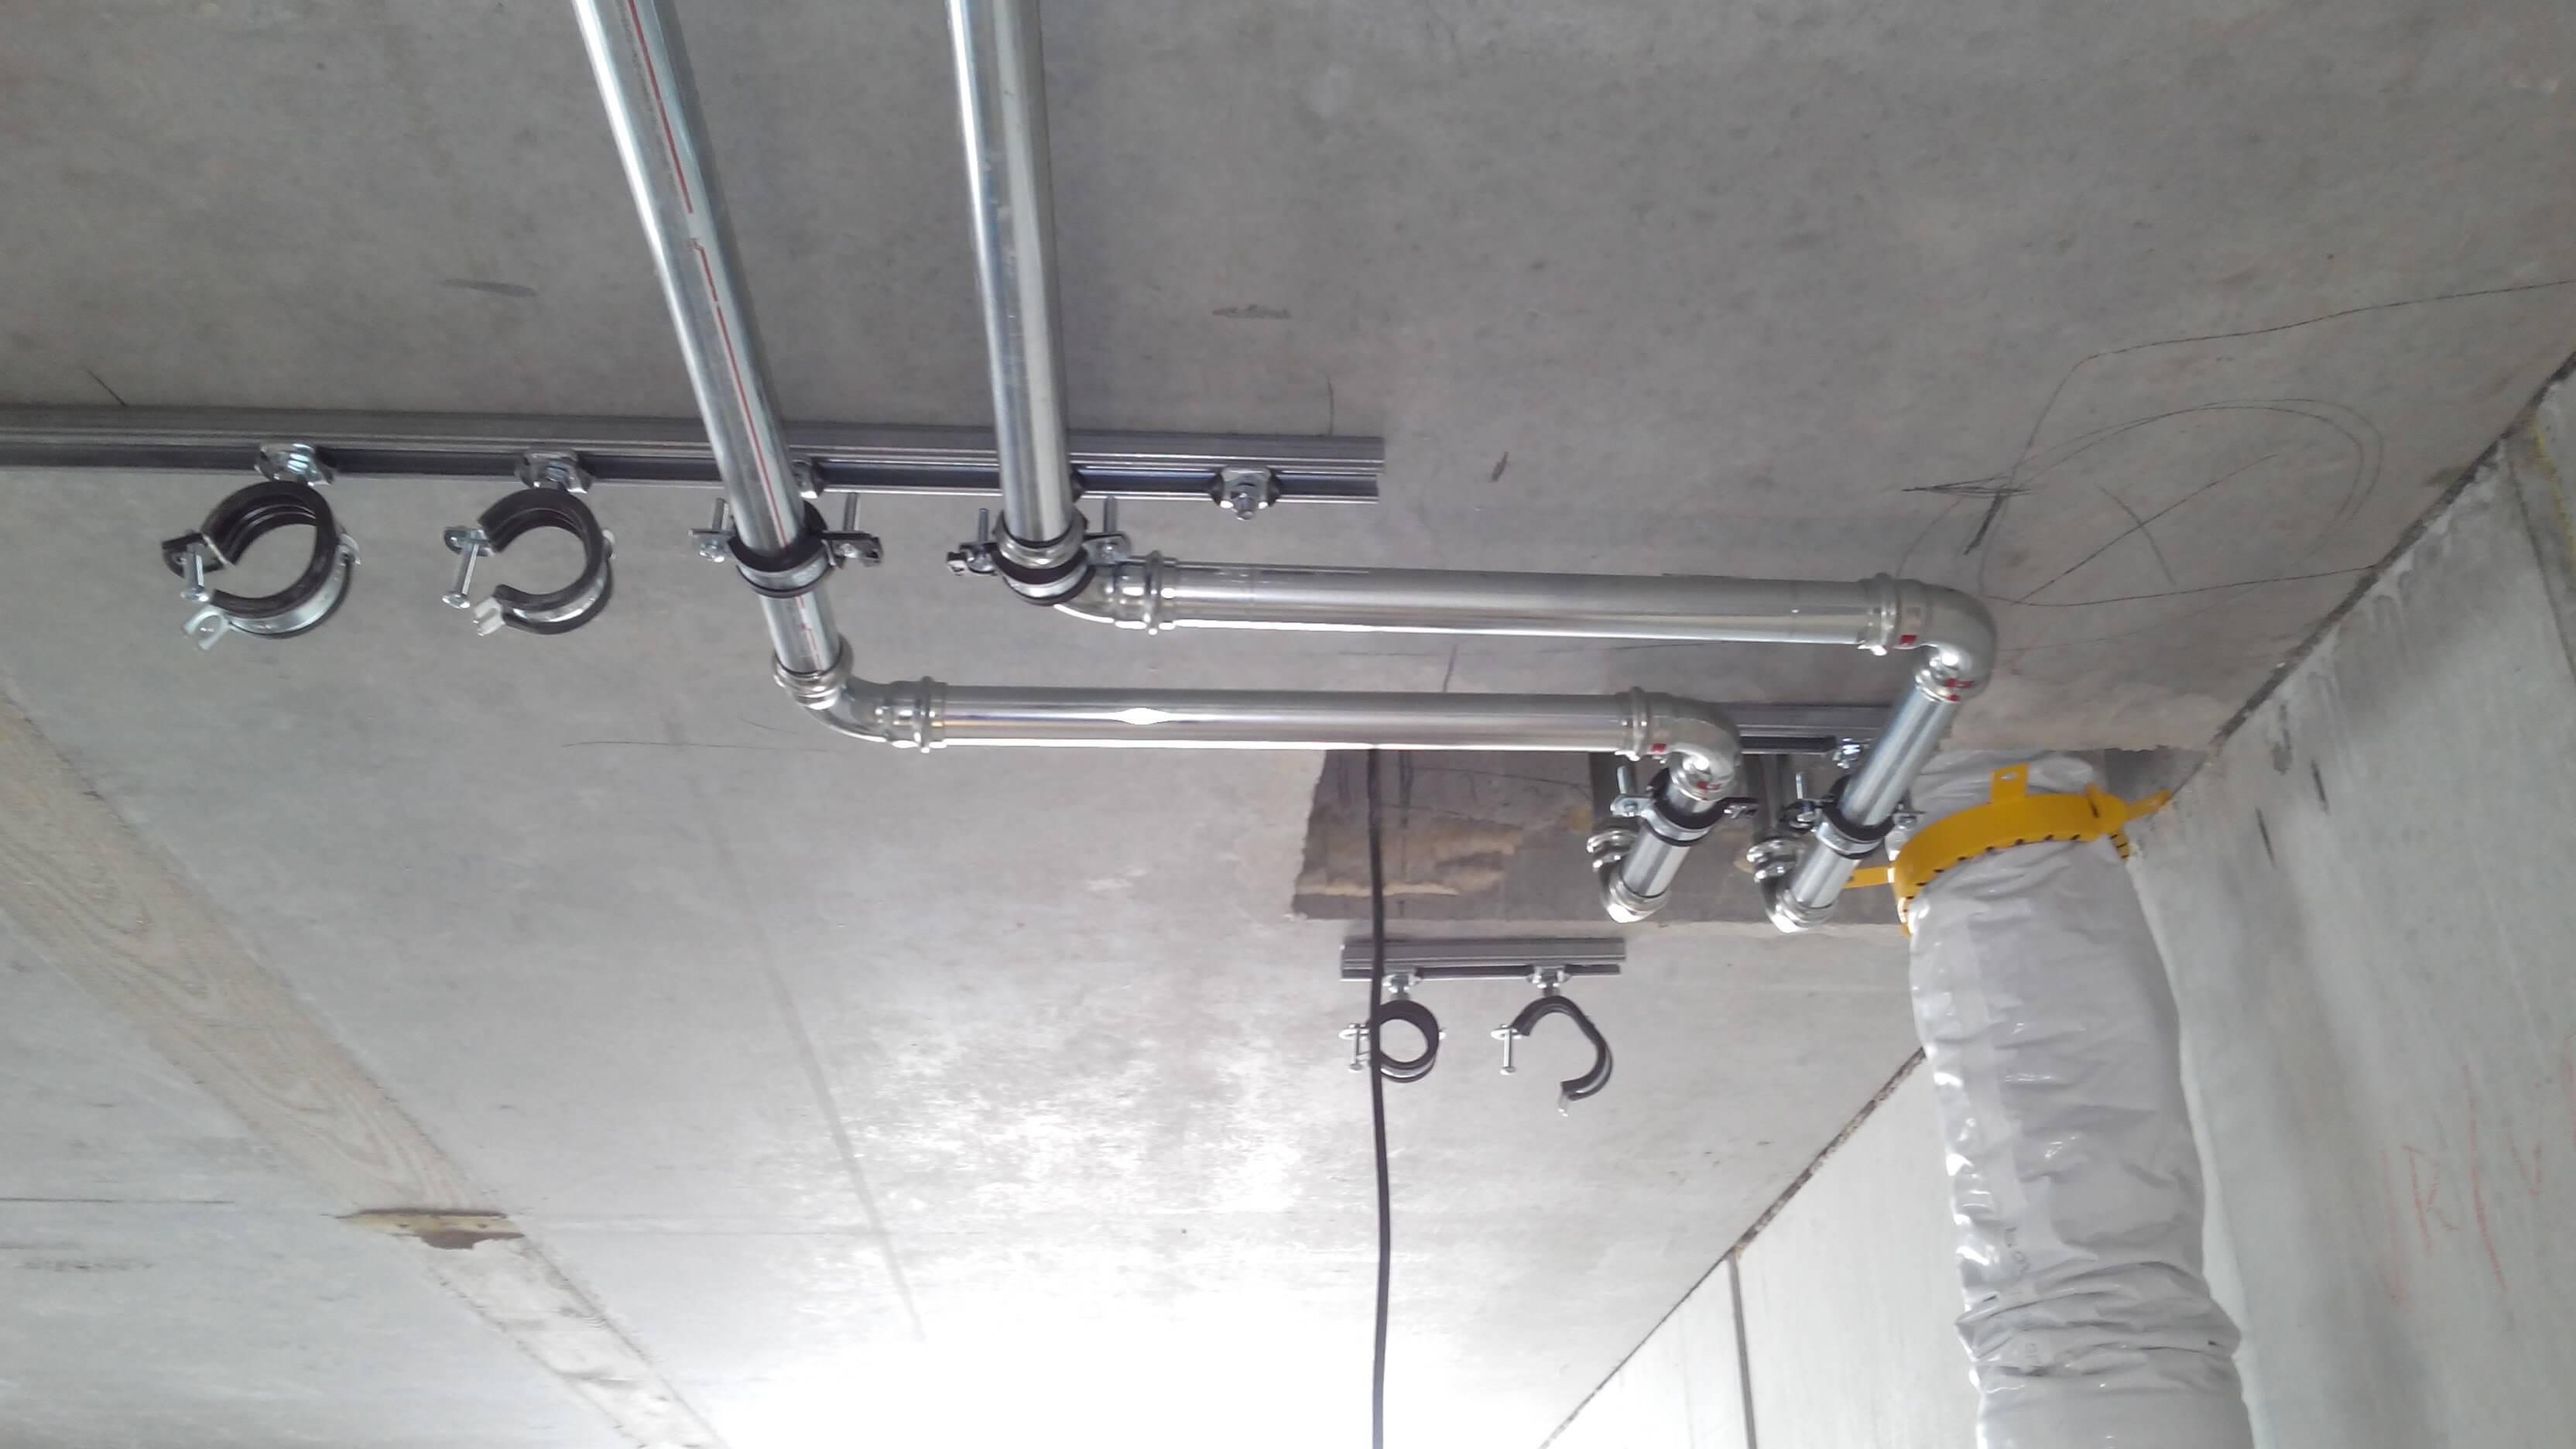 Zuleitungen für die Wohnungswasserstationen